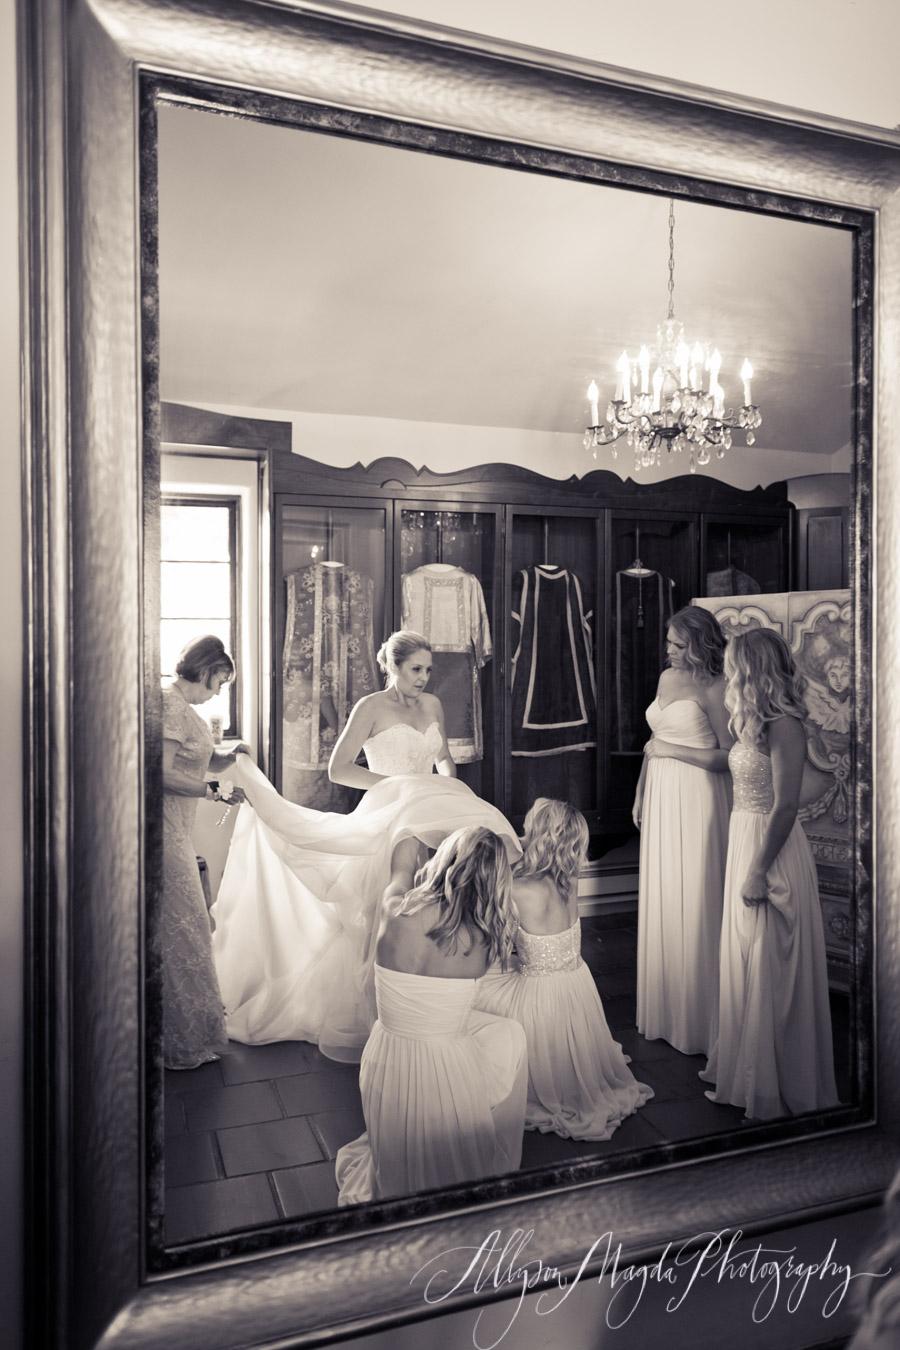 bridal room at carmel mission